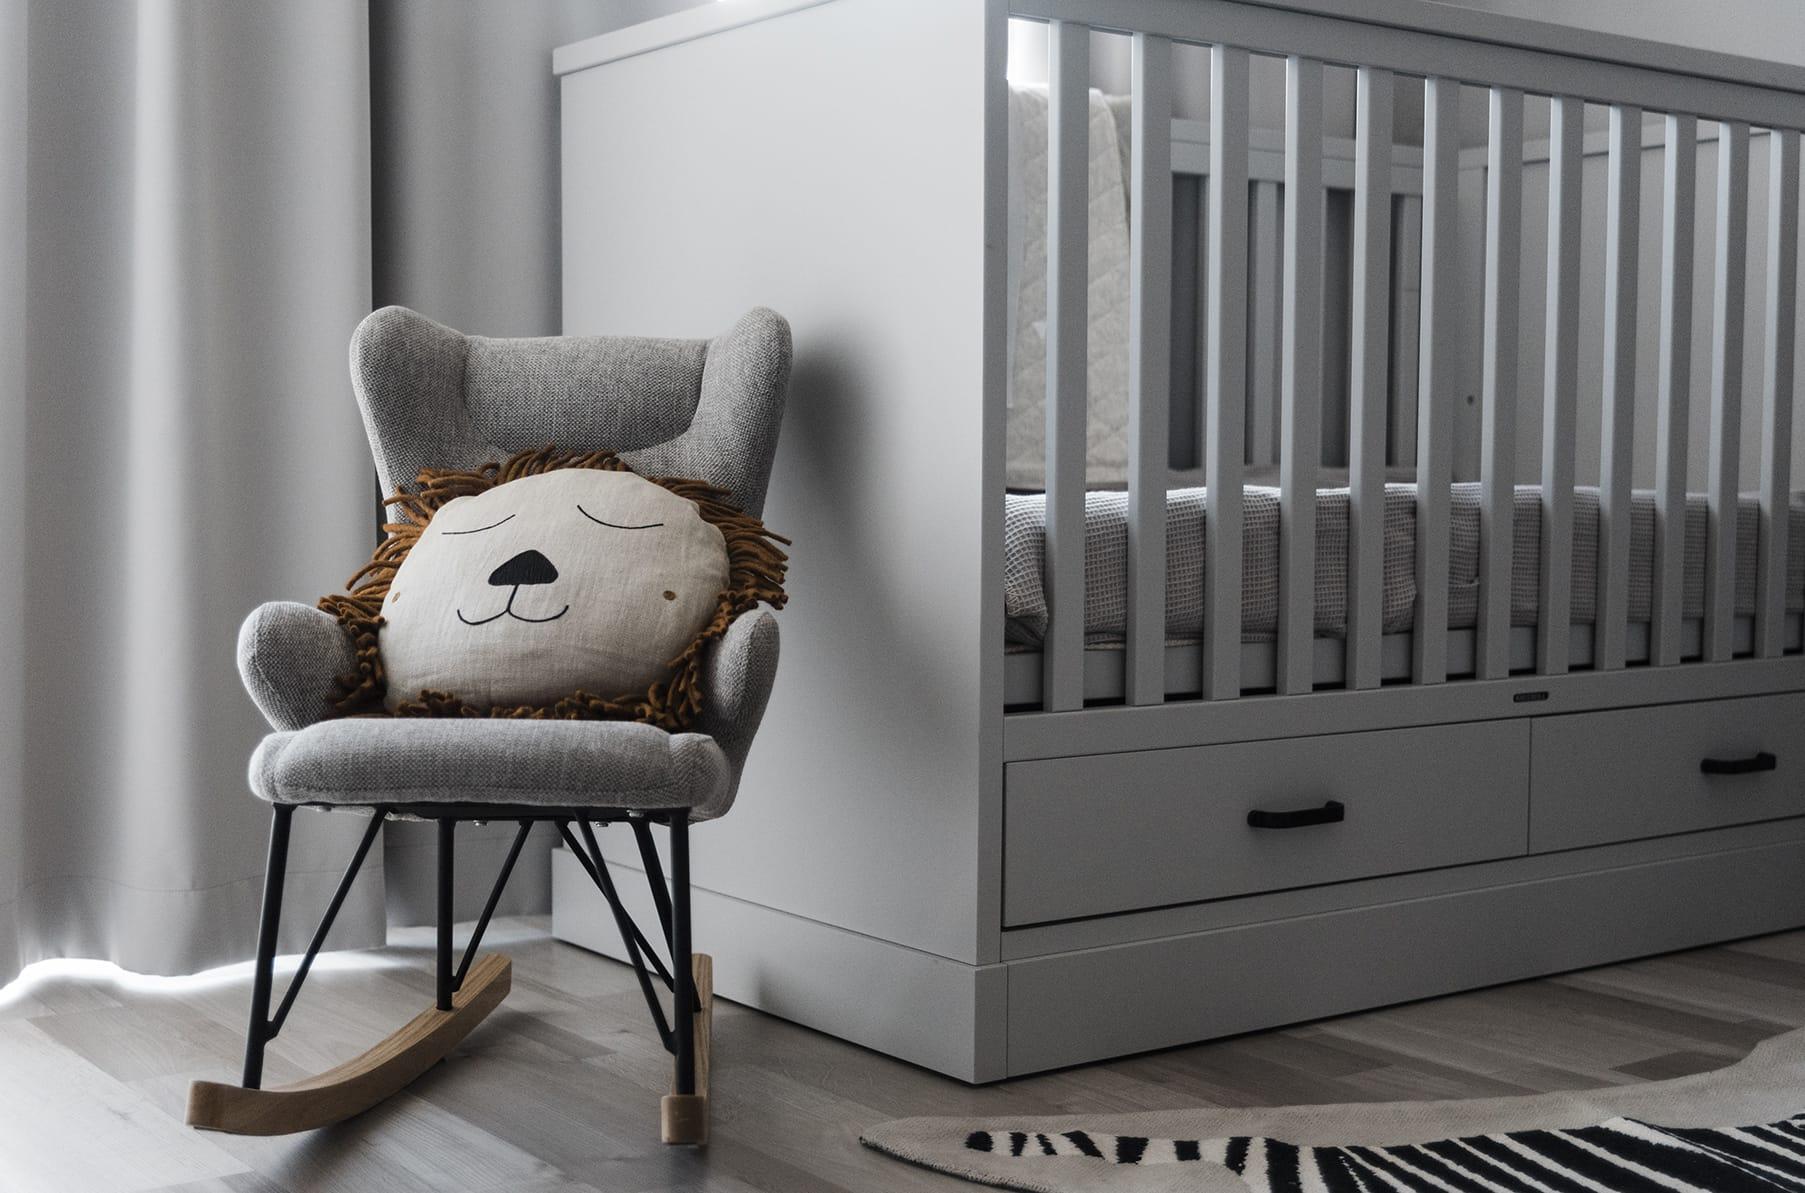 pokoik dla dziecka - aranżacja pokoju dziecka